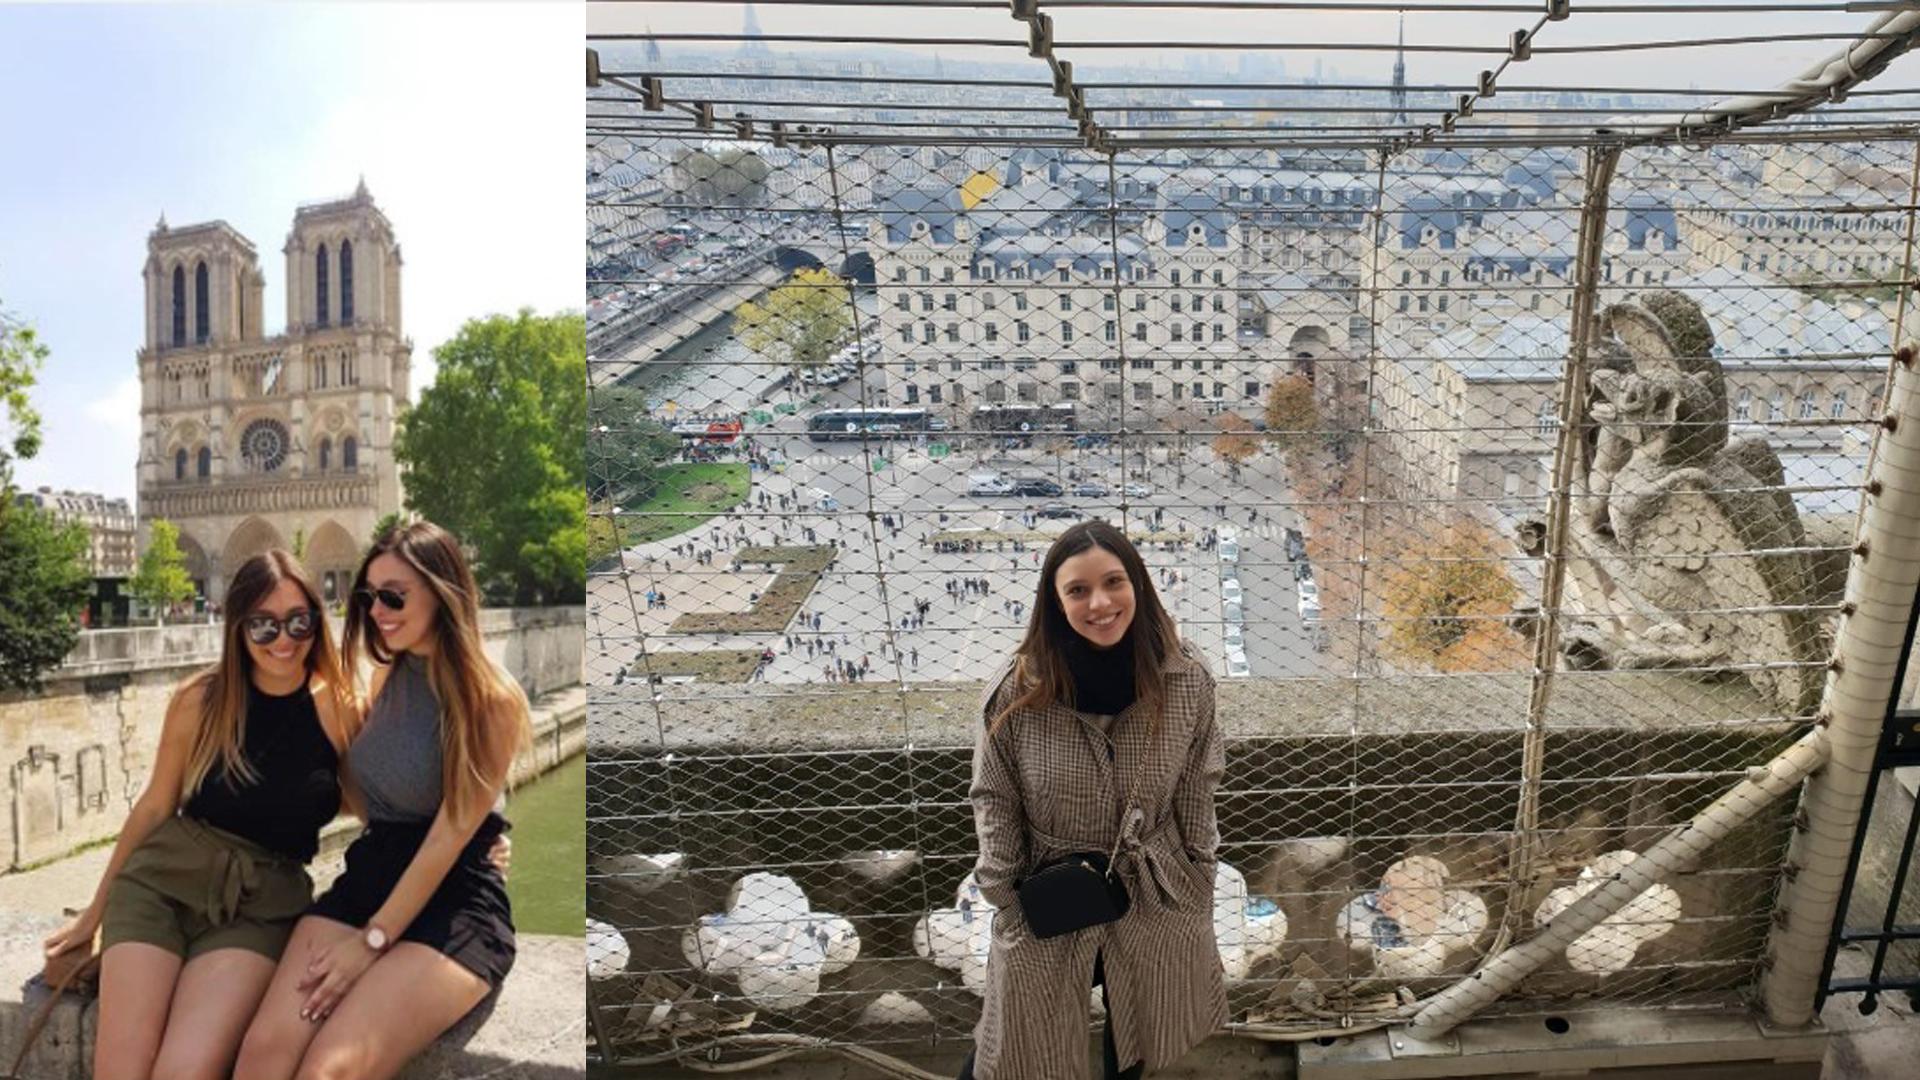 Aury lleva viviendo 4 años en Francia y suele ir todos los domingos a Notre Dame.